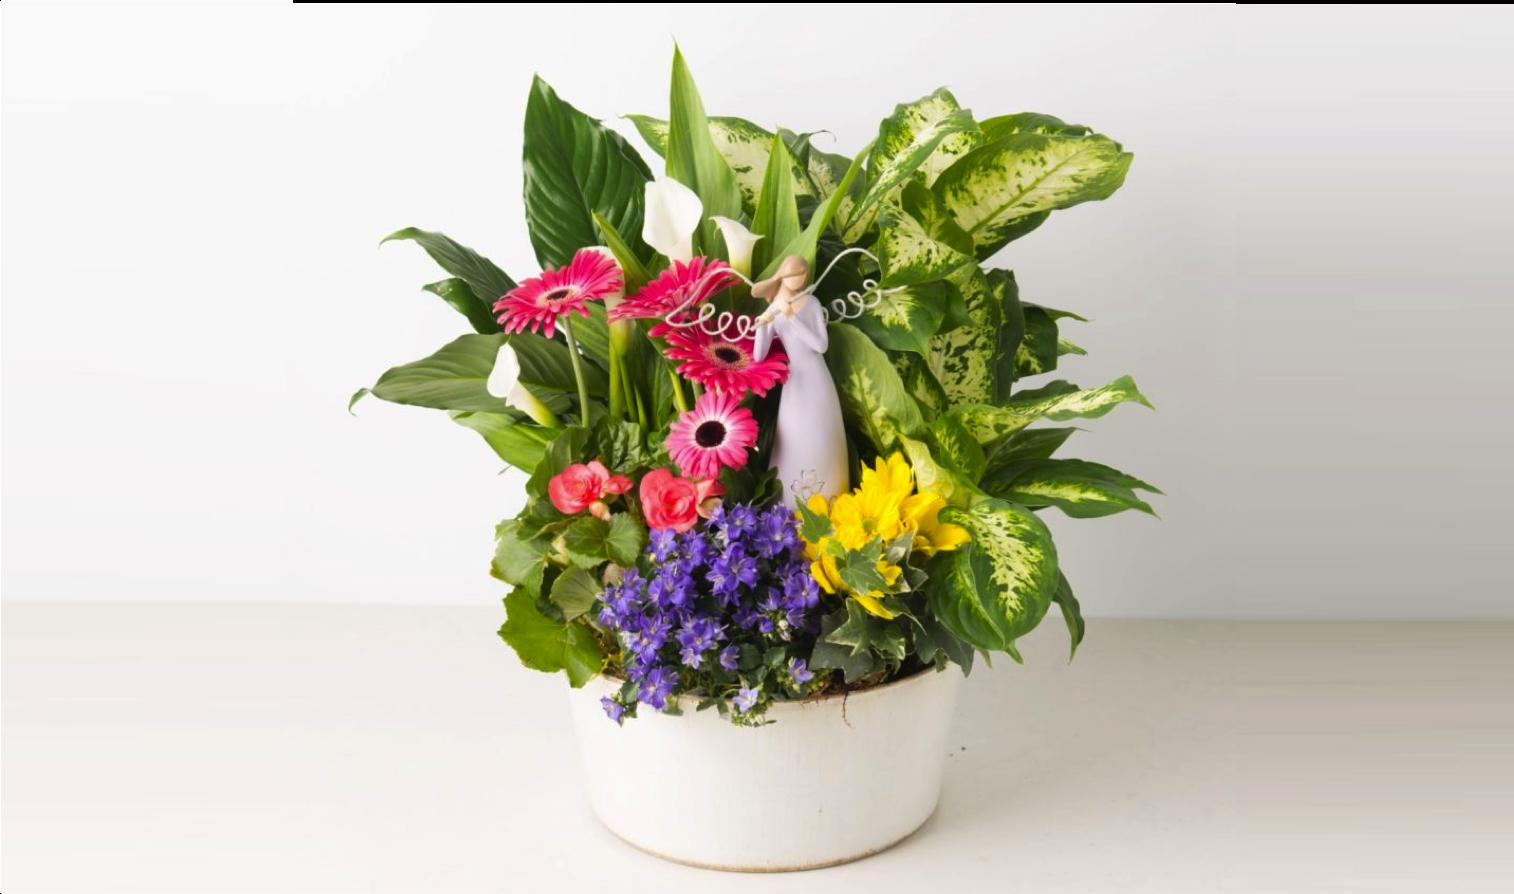 angie-s-floral-designs-el-paso-133-flowers-el-paso-florist-flowershop-79912.png